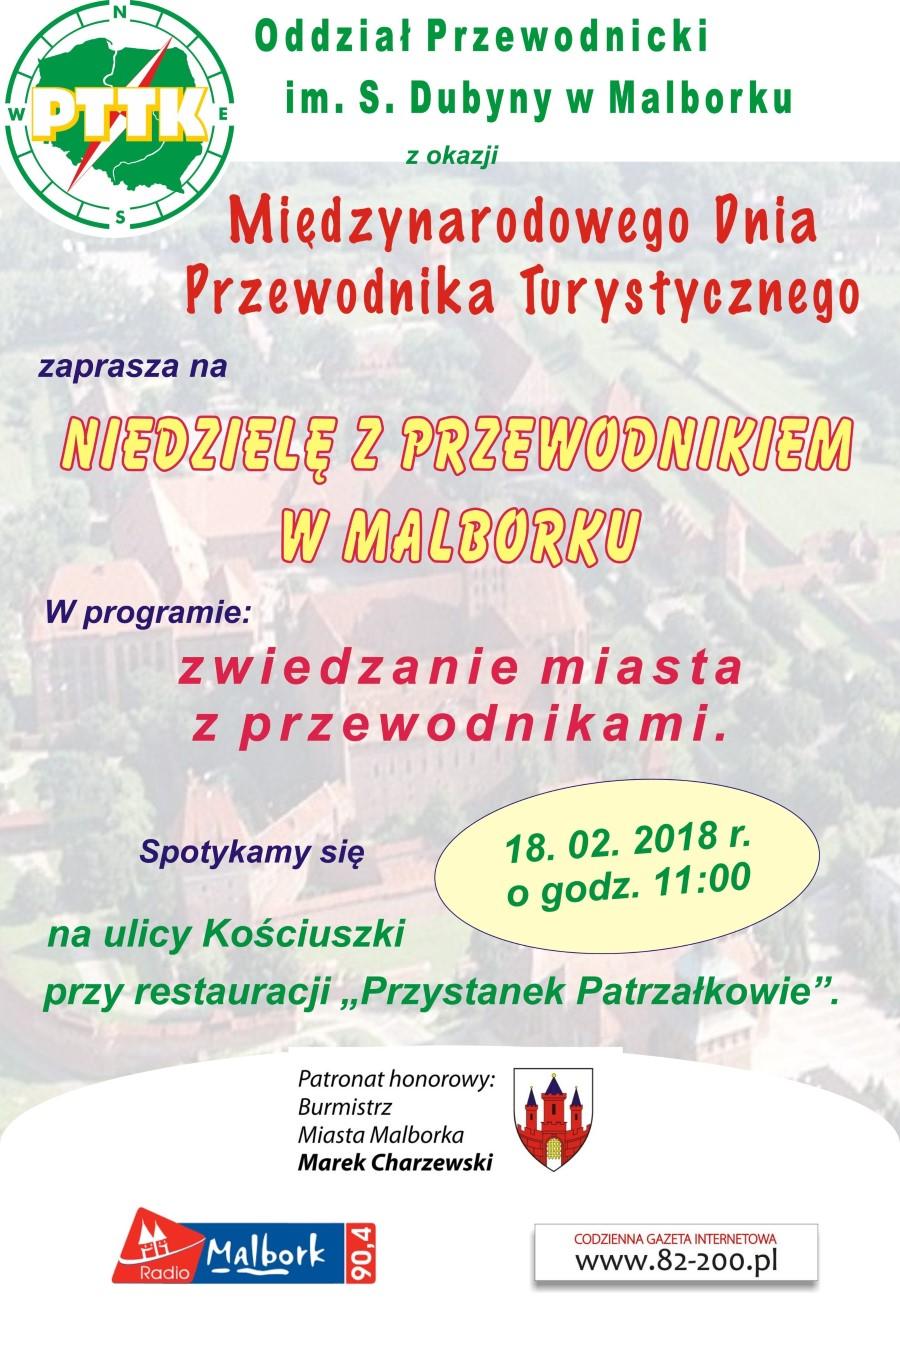 http://m.82-200.pl/2018/02/orig/plakat2018-2391.jpg